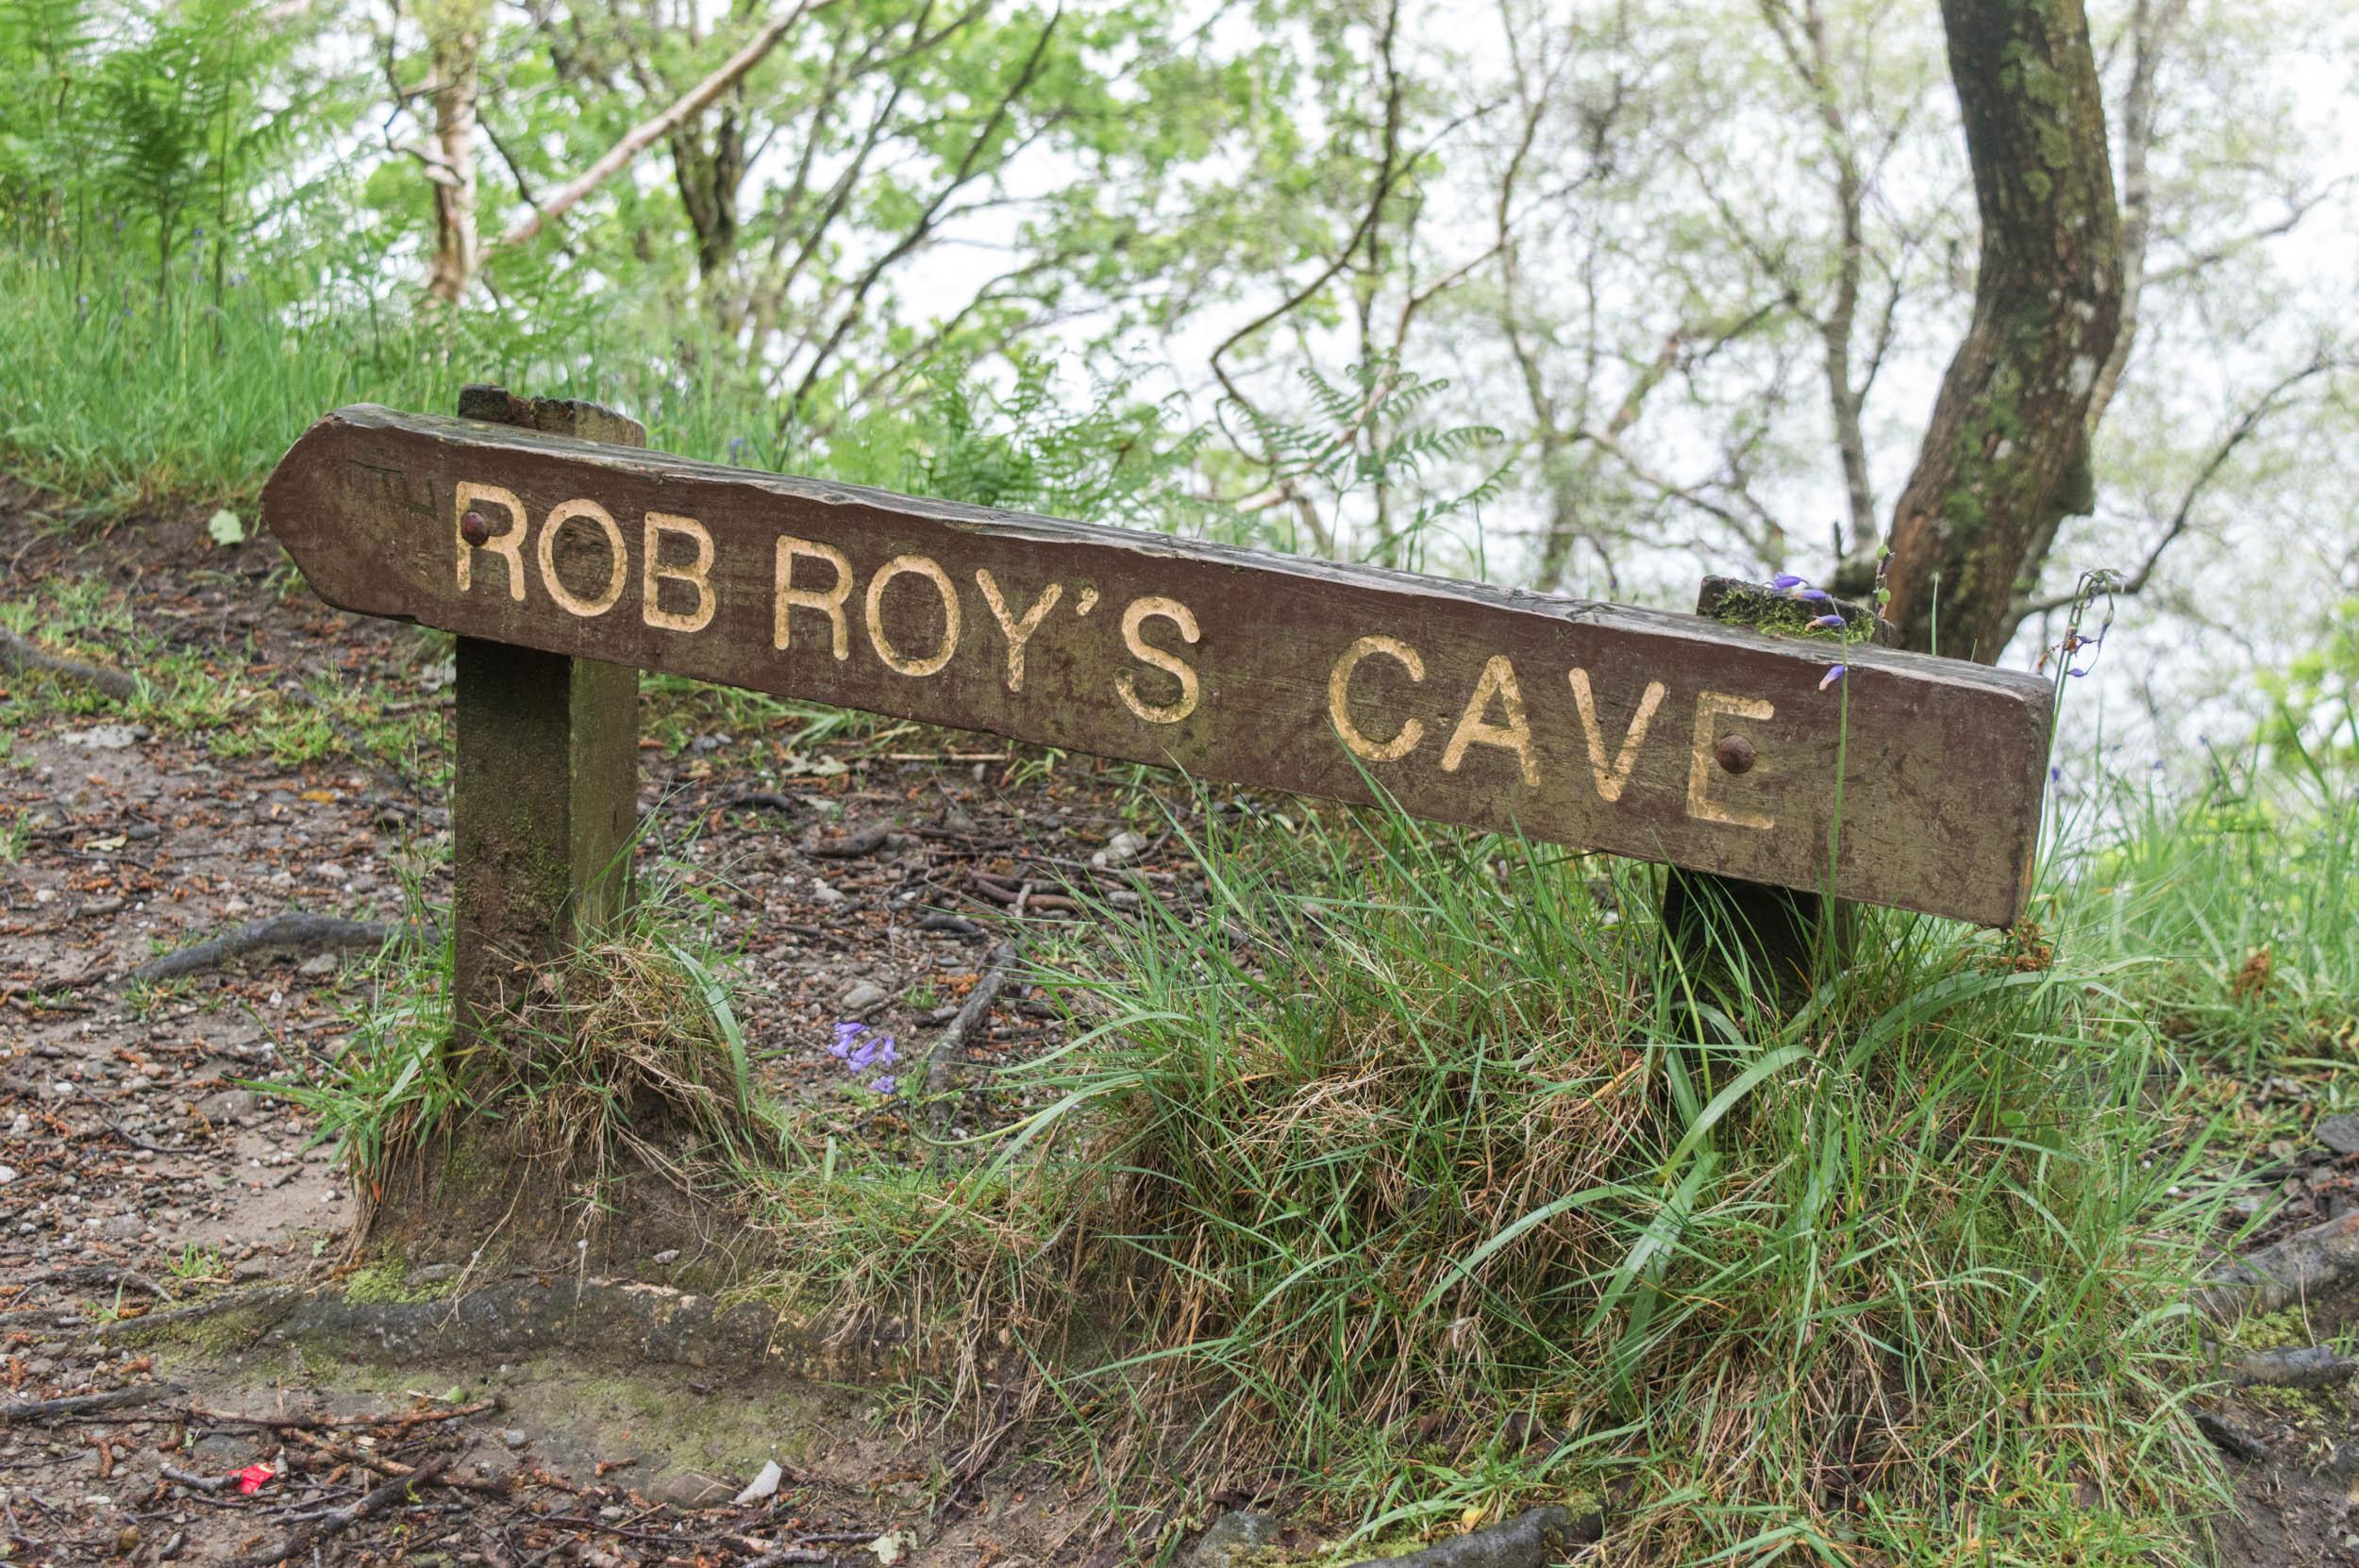 Rob-Roys-Cave-0167.jpg